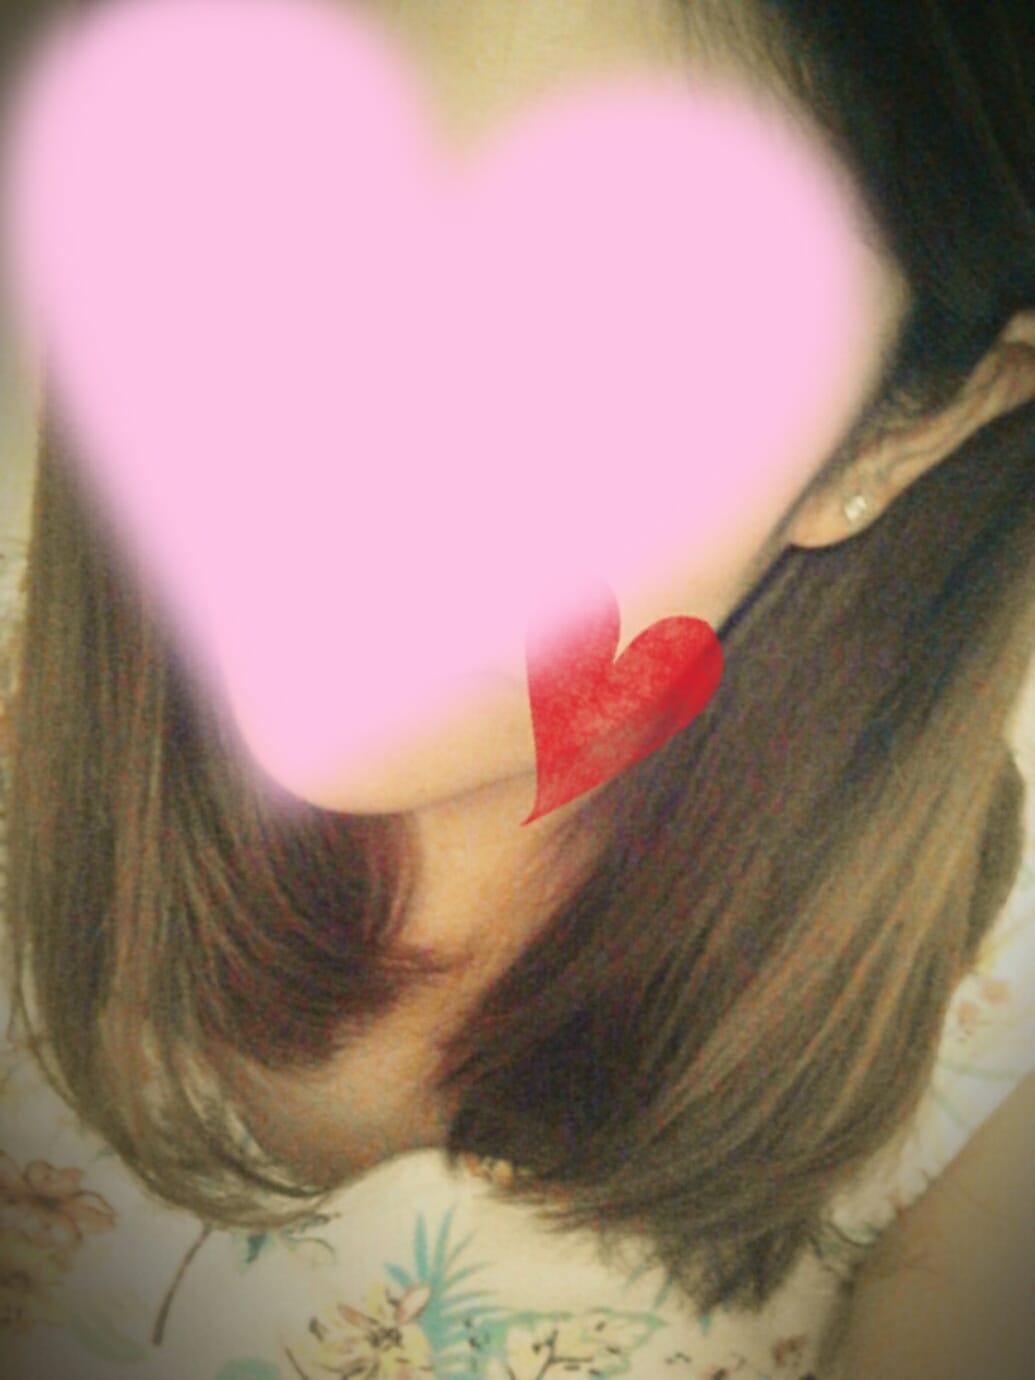 「仲良しさん♡」04/13(04/13) 21:21   みなと奥様の写メ・風俗動画